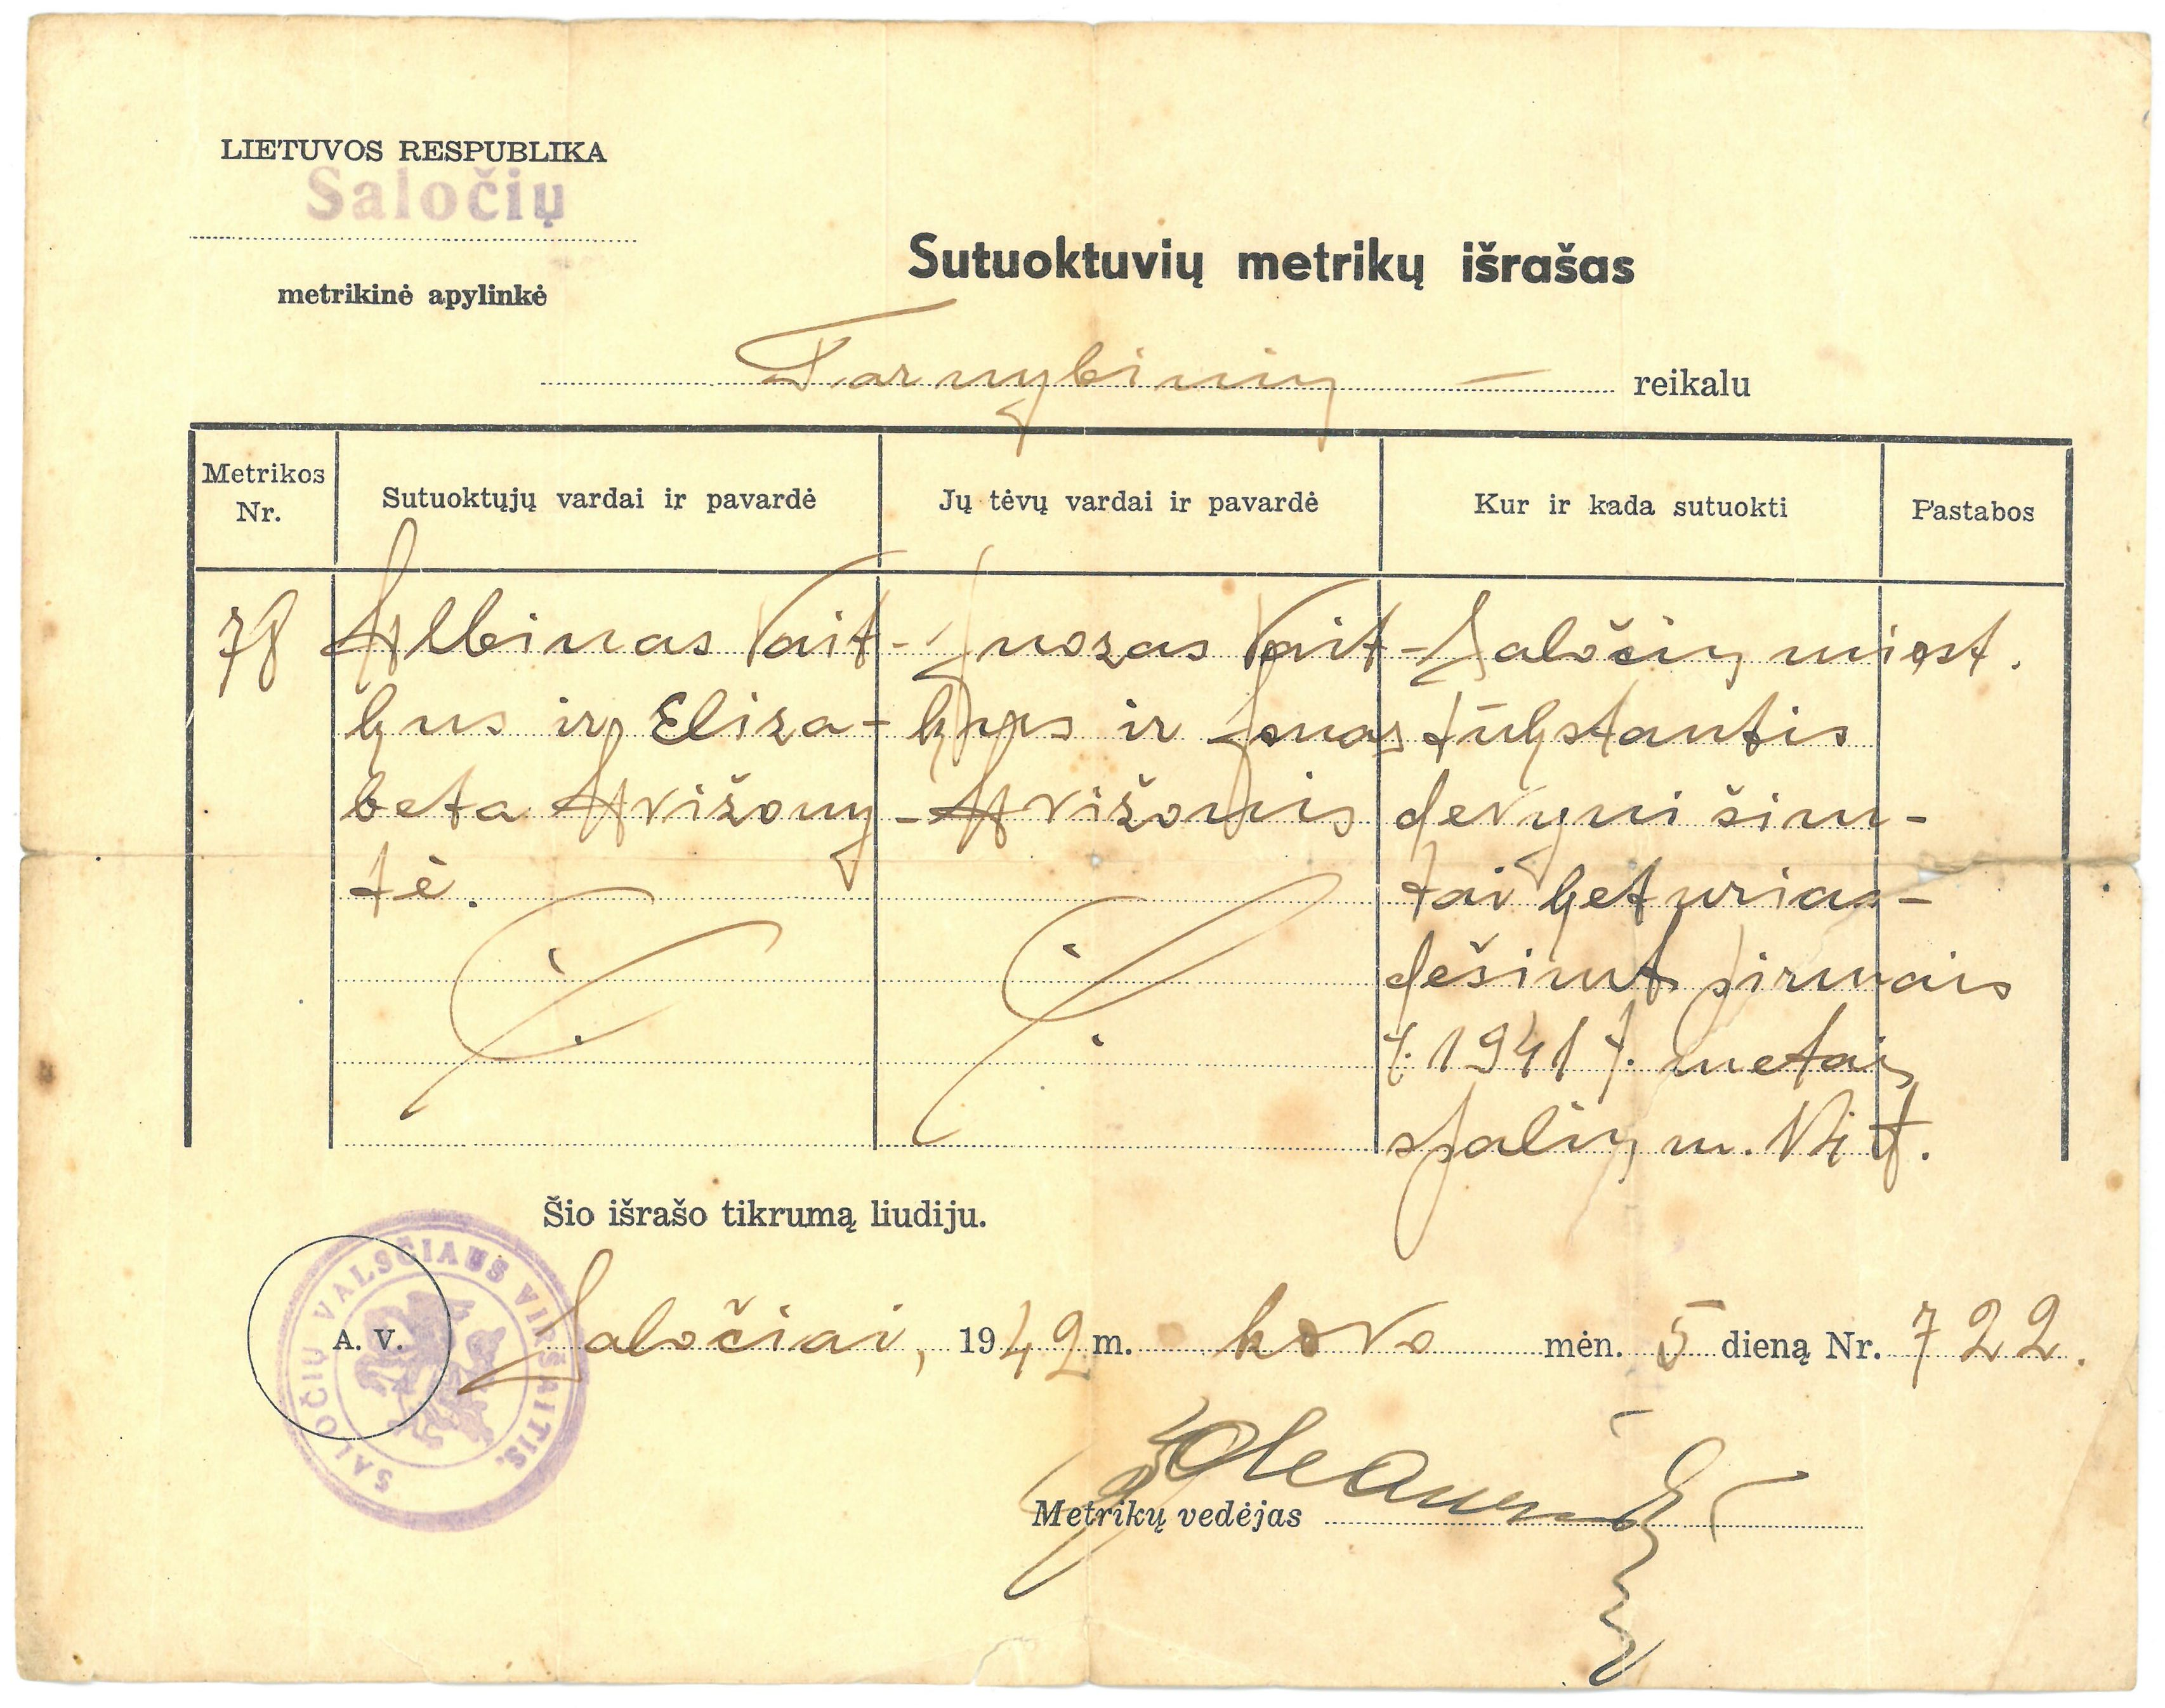 Albino Vaitkaus ir Elizabetos Avižonytės sutuoktuvių metrikų išrašas. Saločiai, 1942 m.